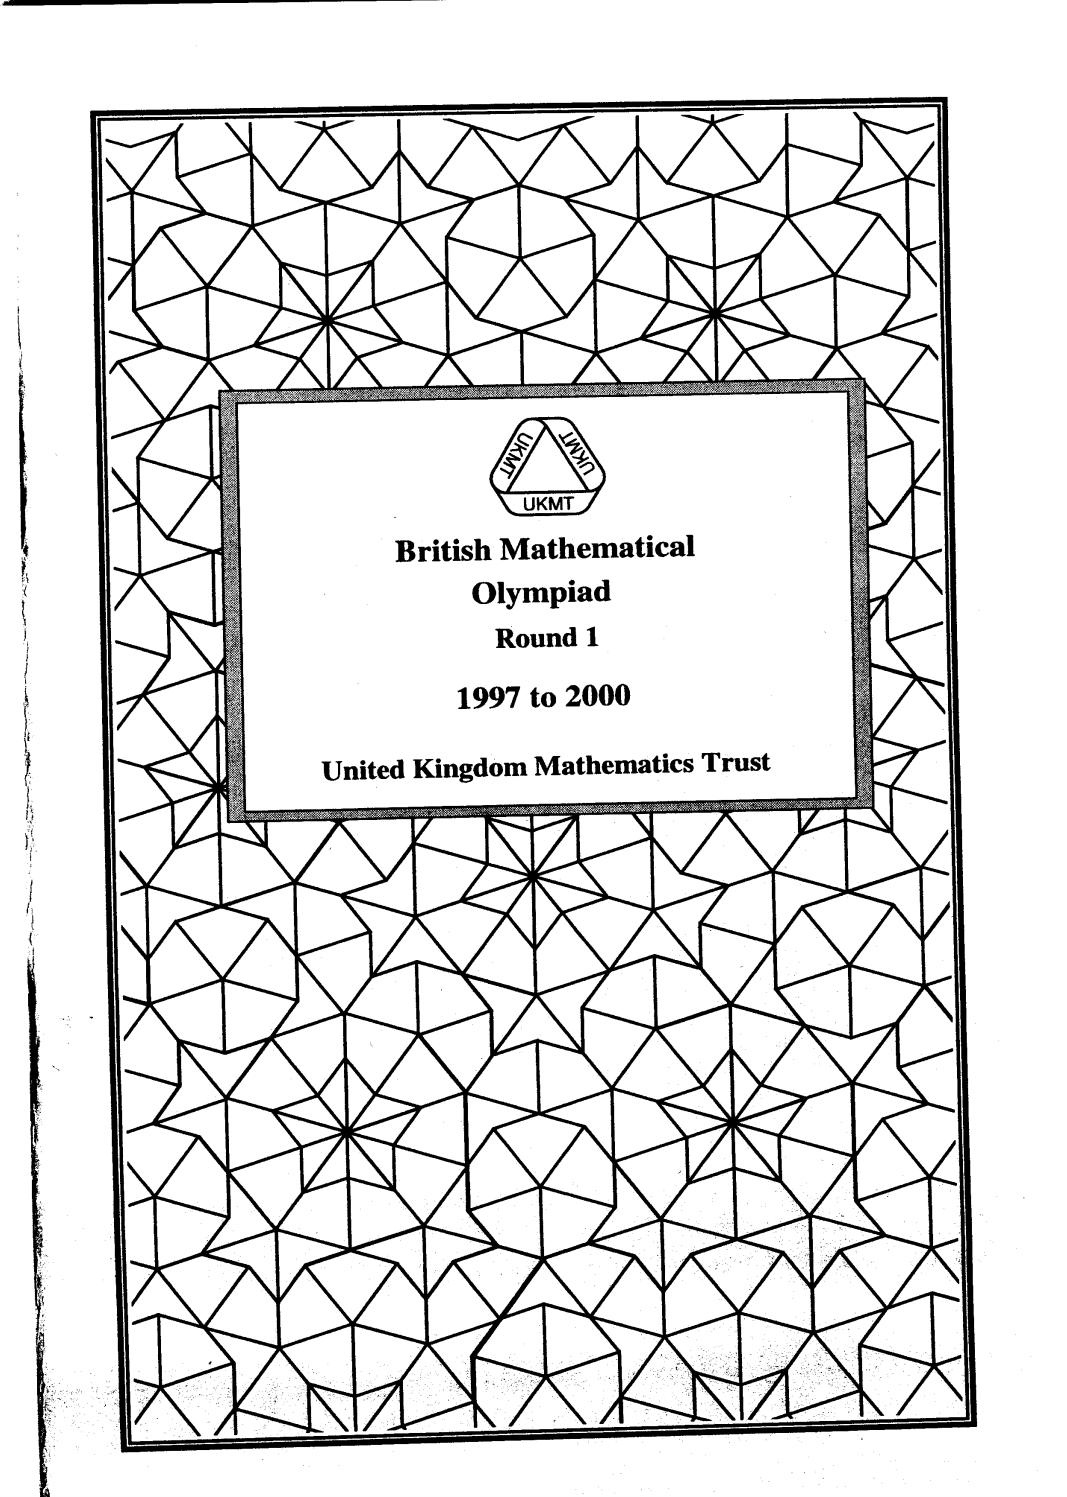 British mathematical olympiad round 1 1997 2000 by armando